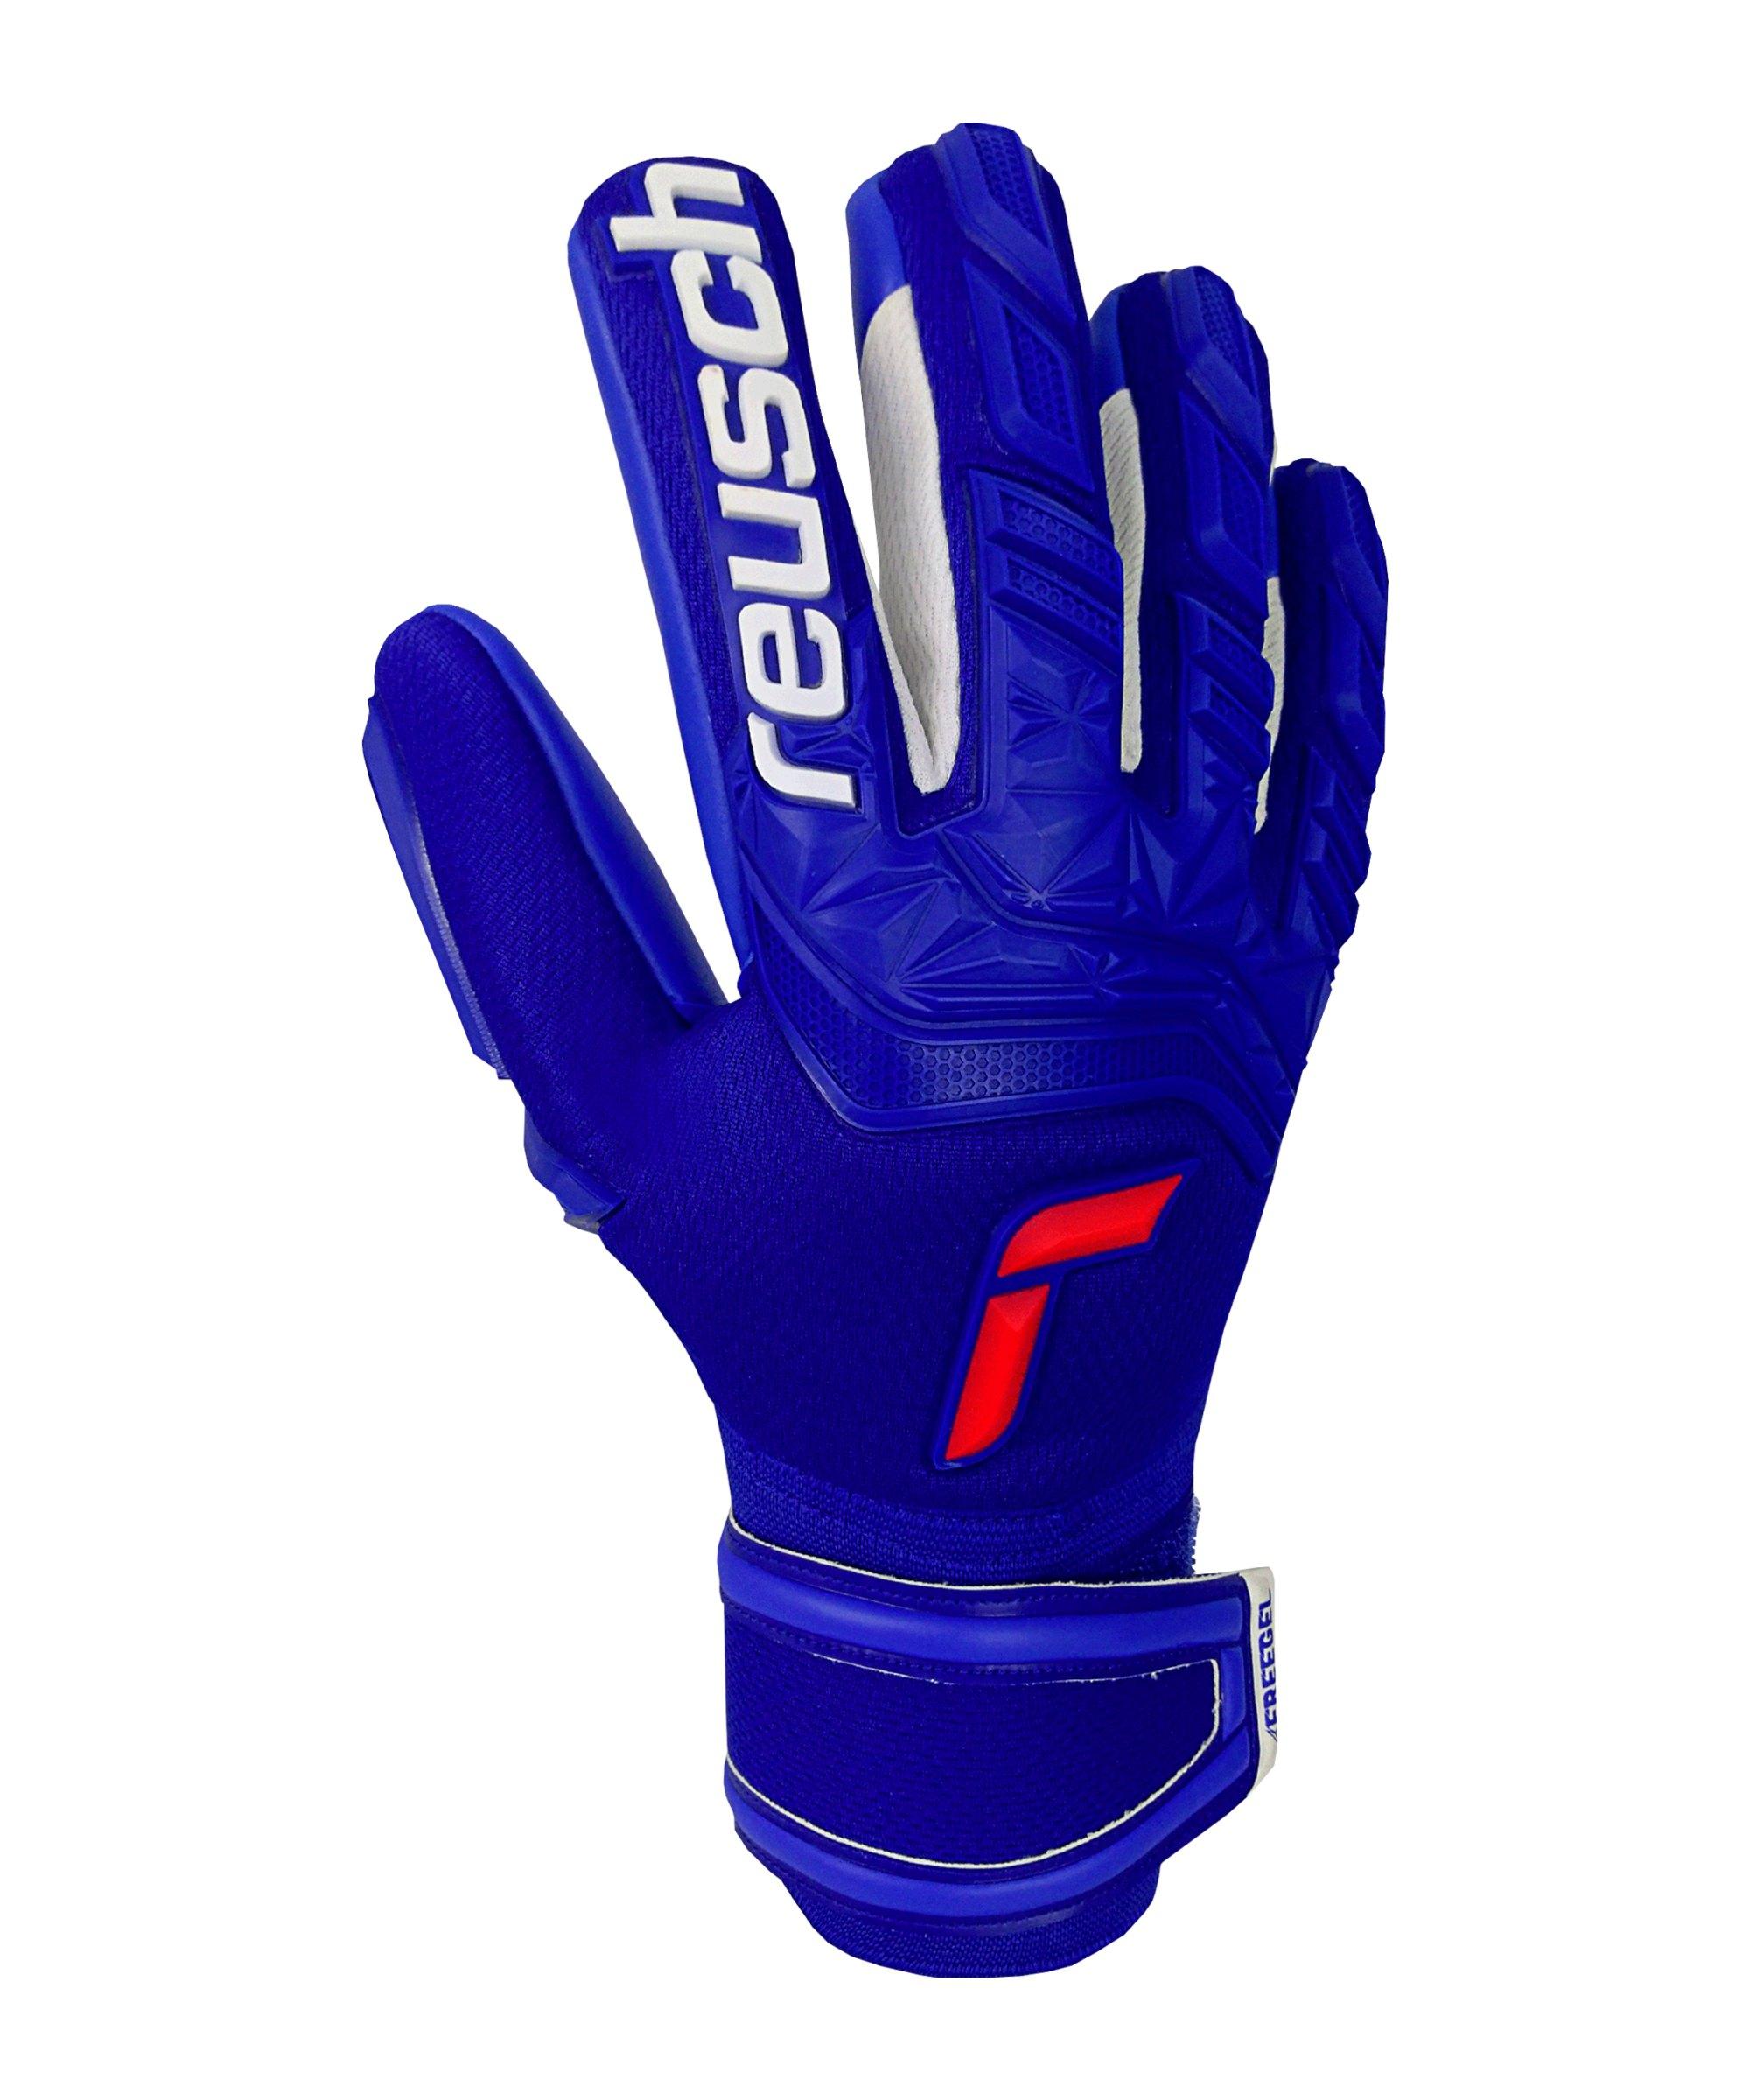 Reusch Attrakt Freegel TW-Handschuh F4010 - blau